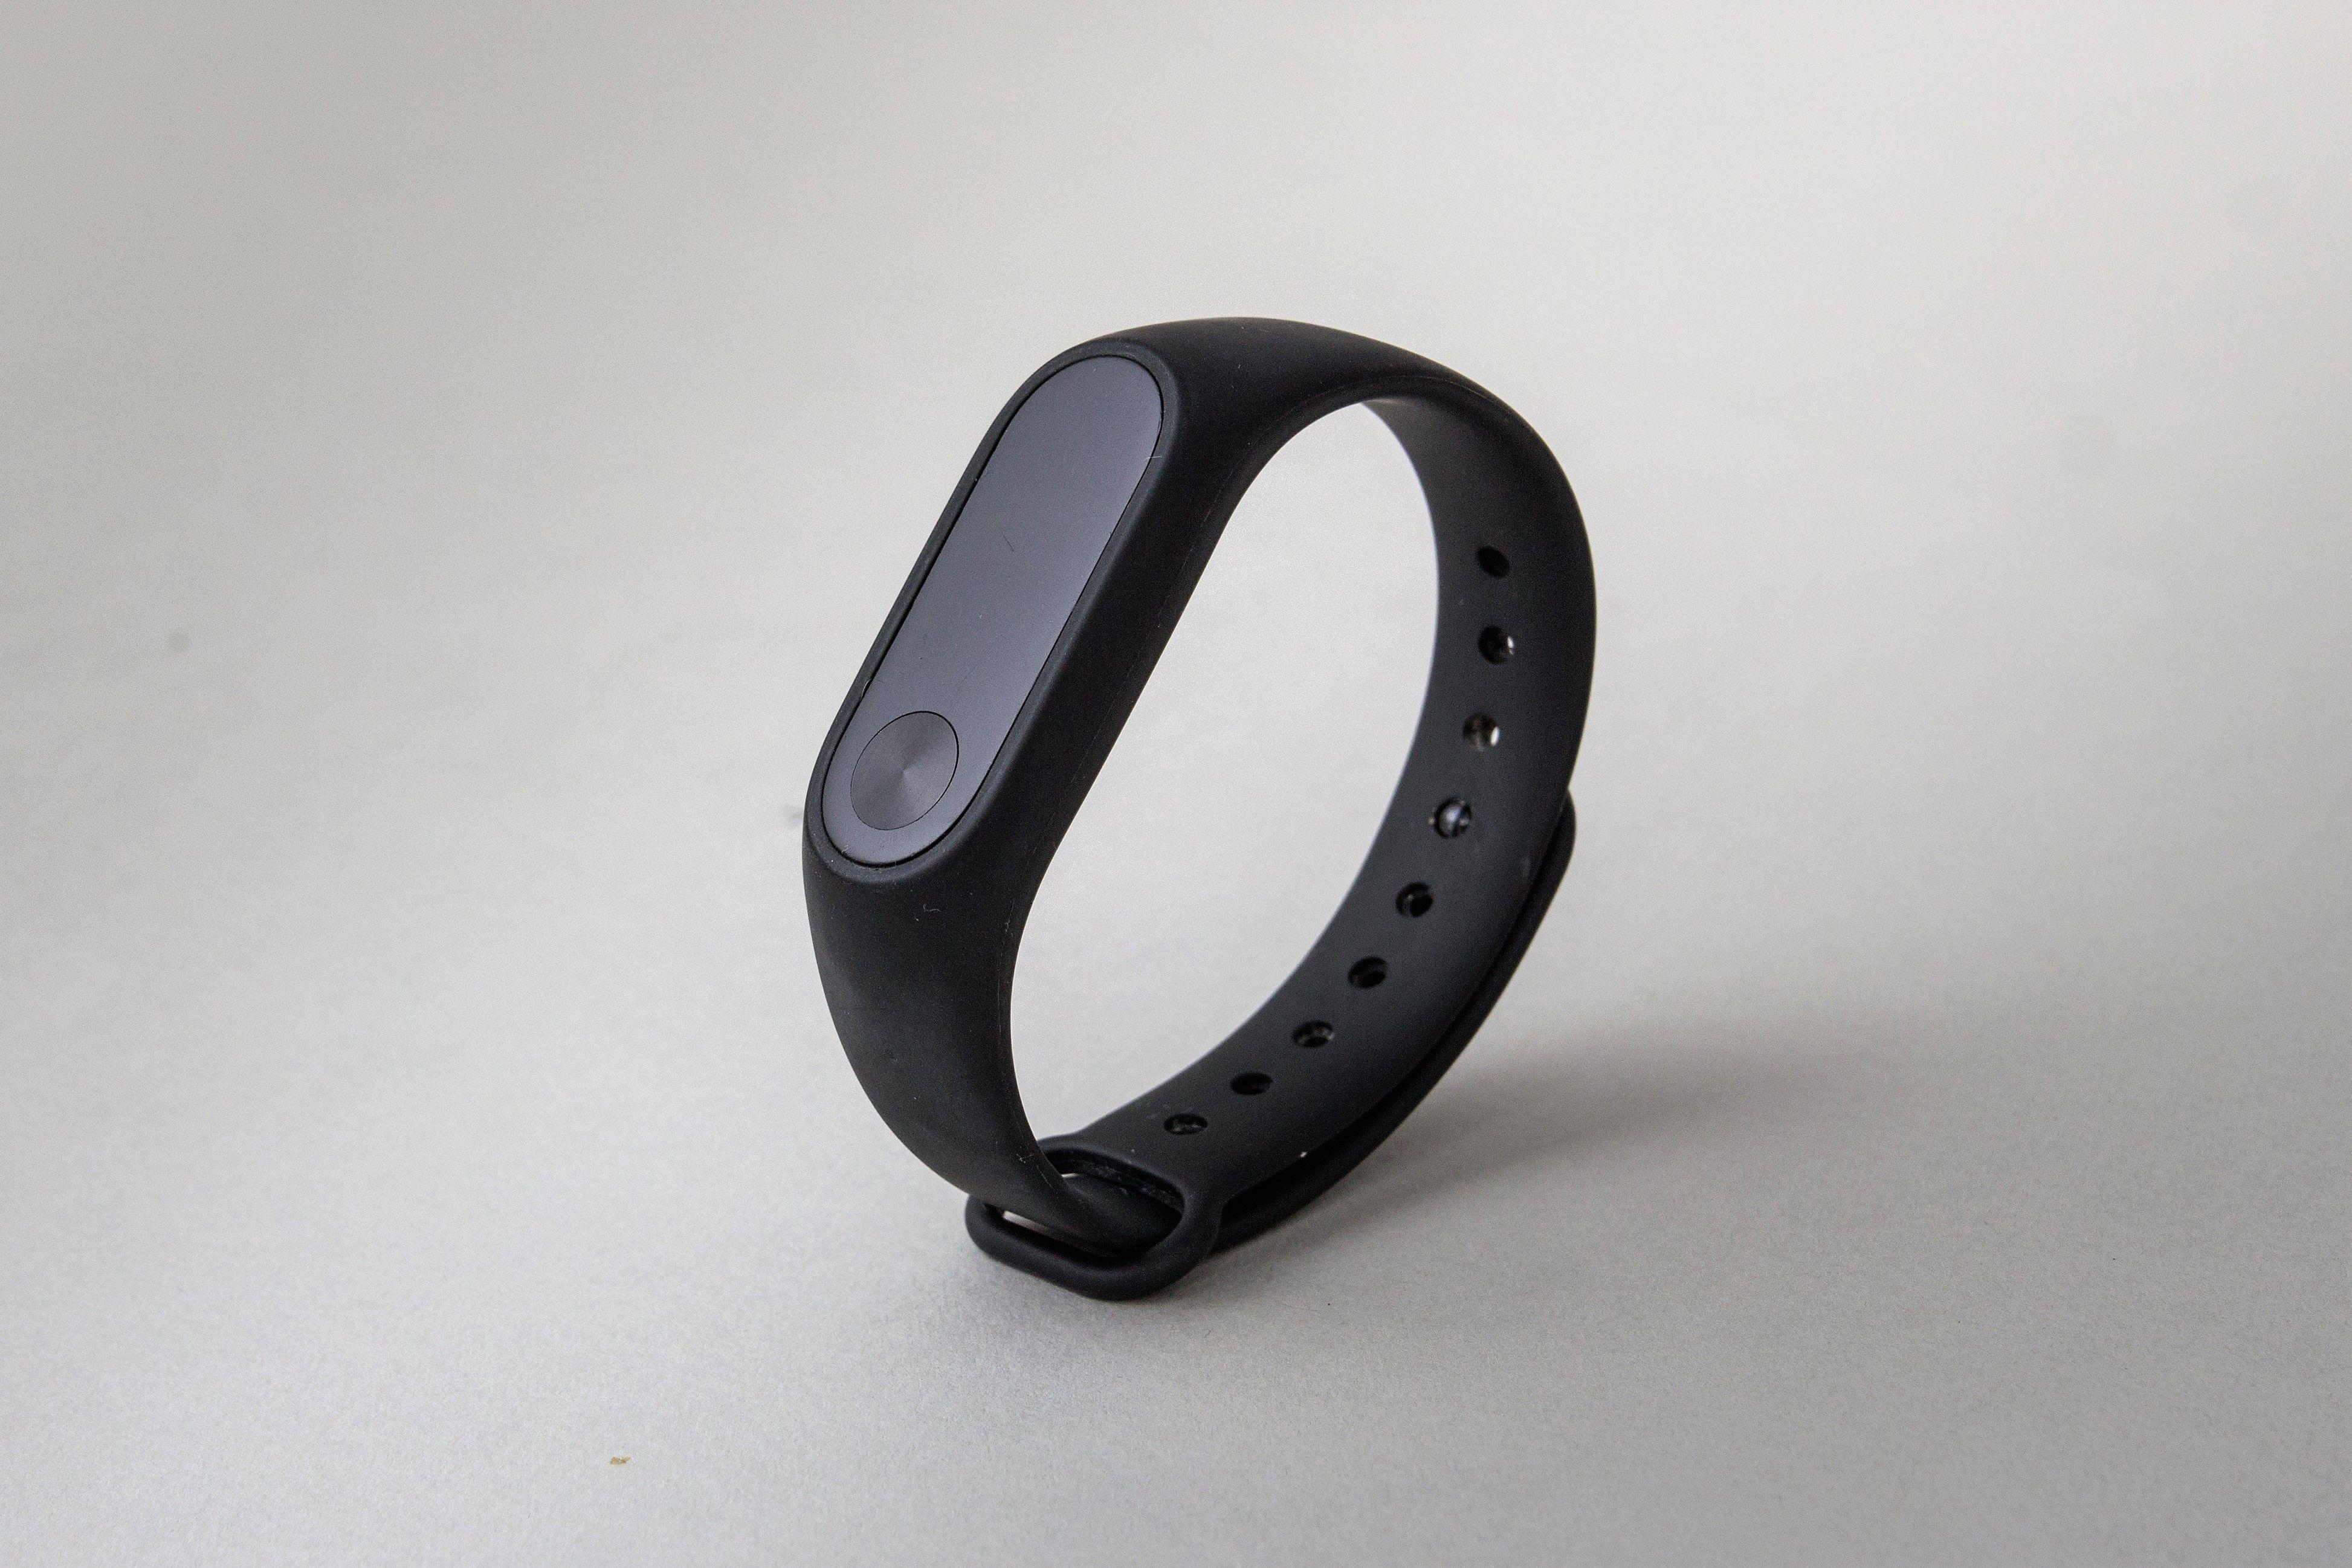 Фитнес-браслет xiaomi mi band 2 работает со следующими приложениями: notify & fitness for mi band – предлагает расширенное управление уведомлениями, умный будильник с поддержкой анализа чсс для более приятного пробуждения, автоматизированный мониторинг пульса; sleep as android – умный будильник с фирменными технологиями мониторинга сна на зарядку фитнес-браслета «с нуля» требуется около полутора часов (если источником тока является usb-порт компьютера).